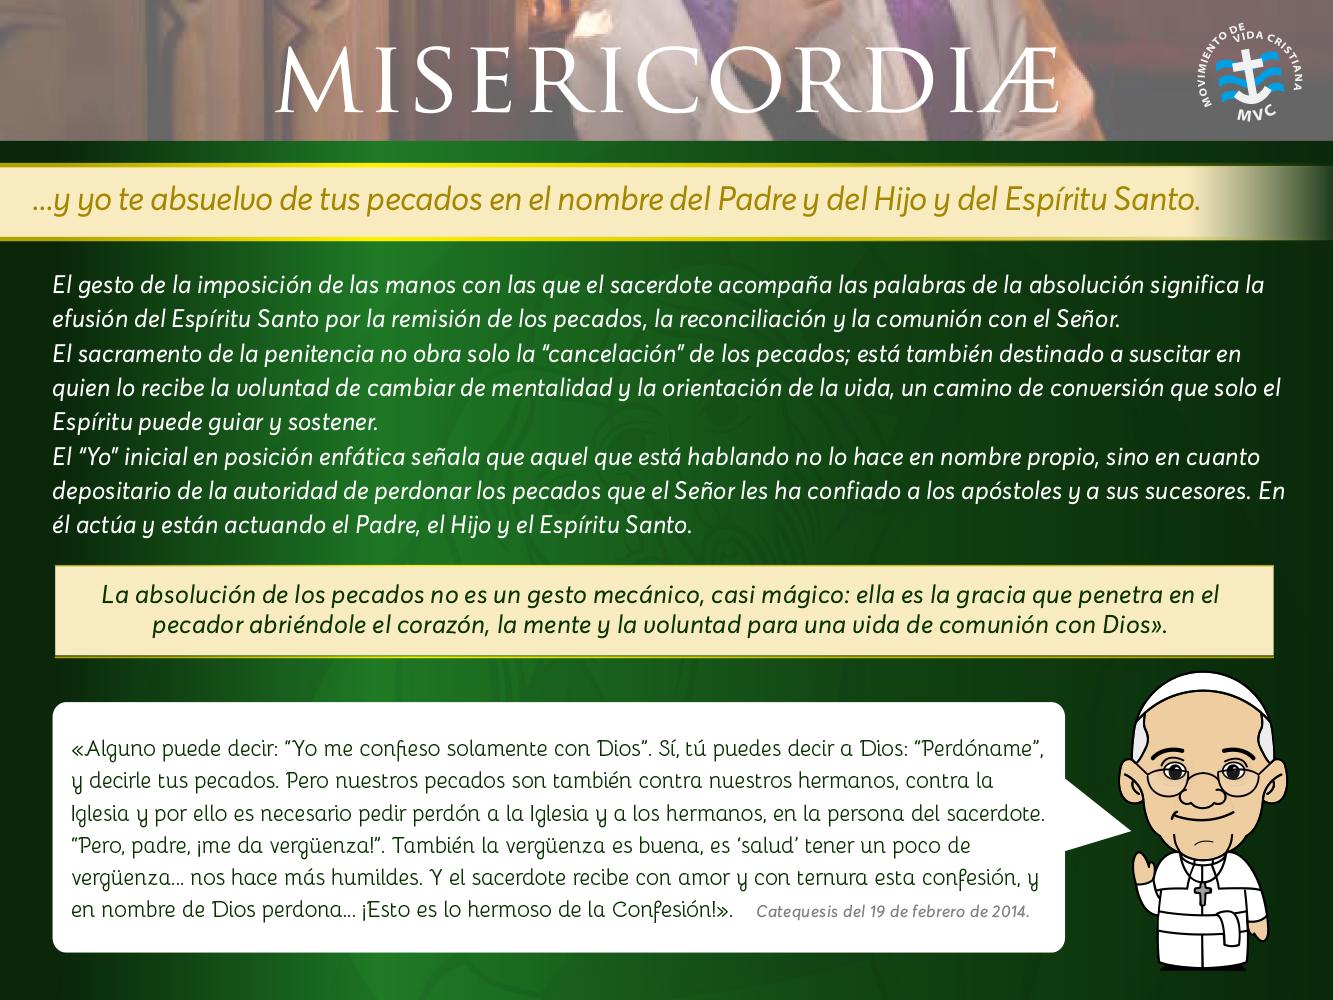 Misericordiae 3